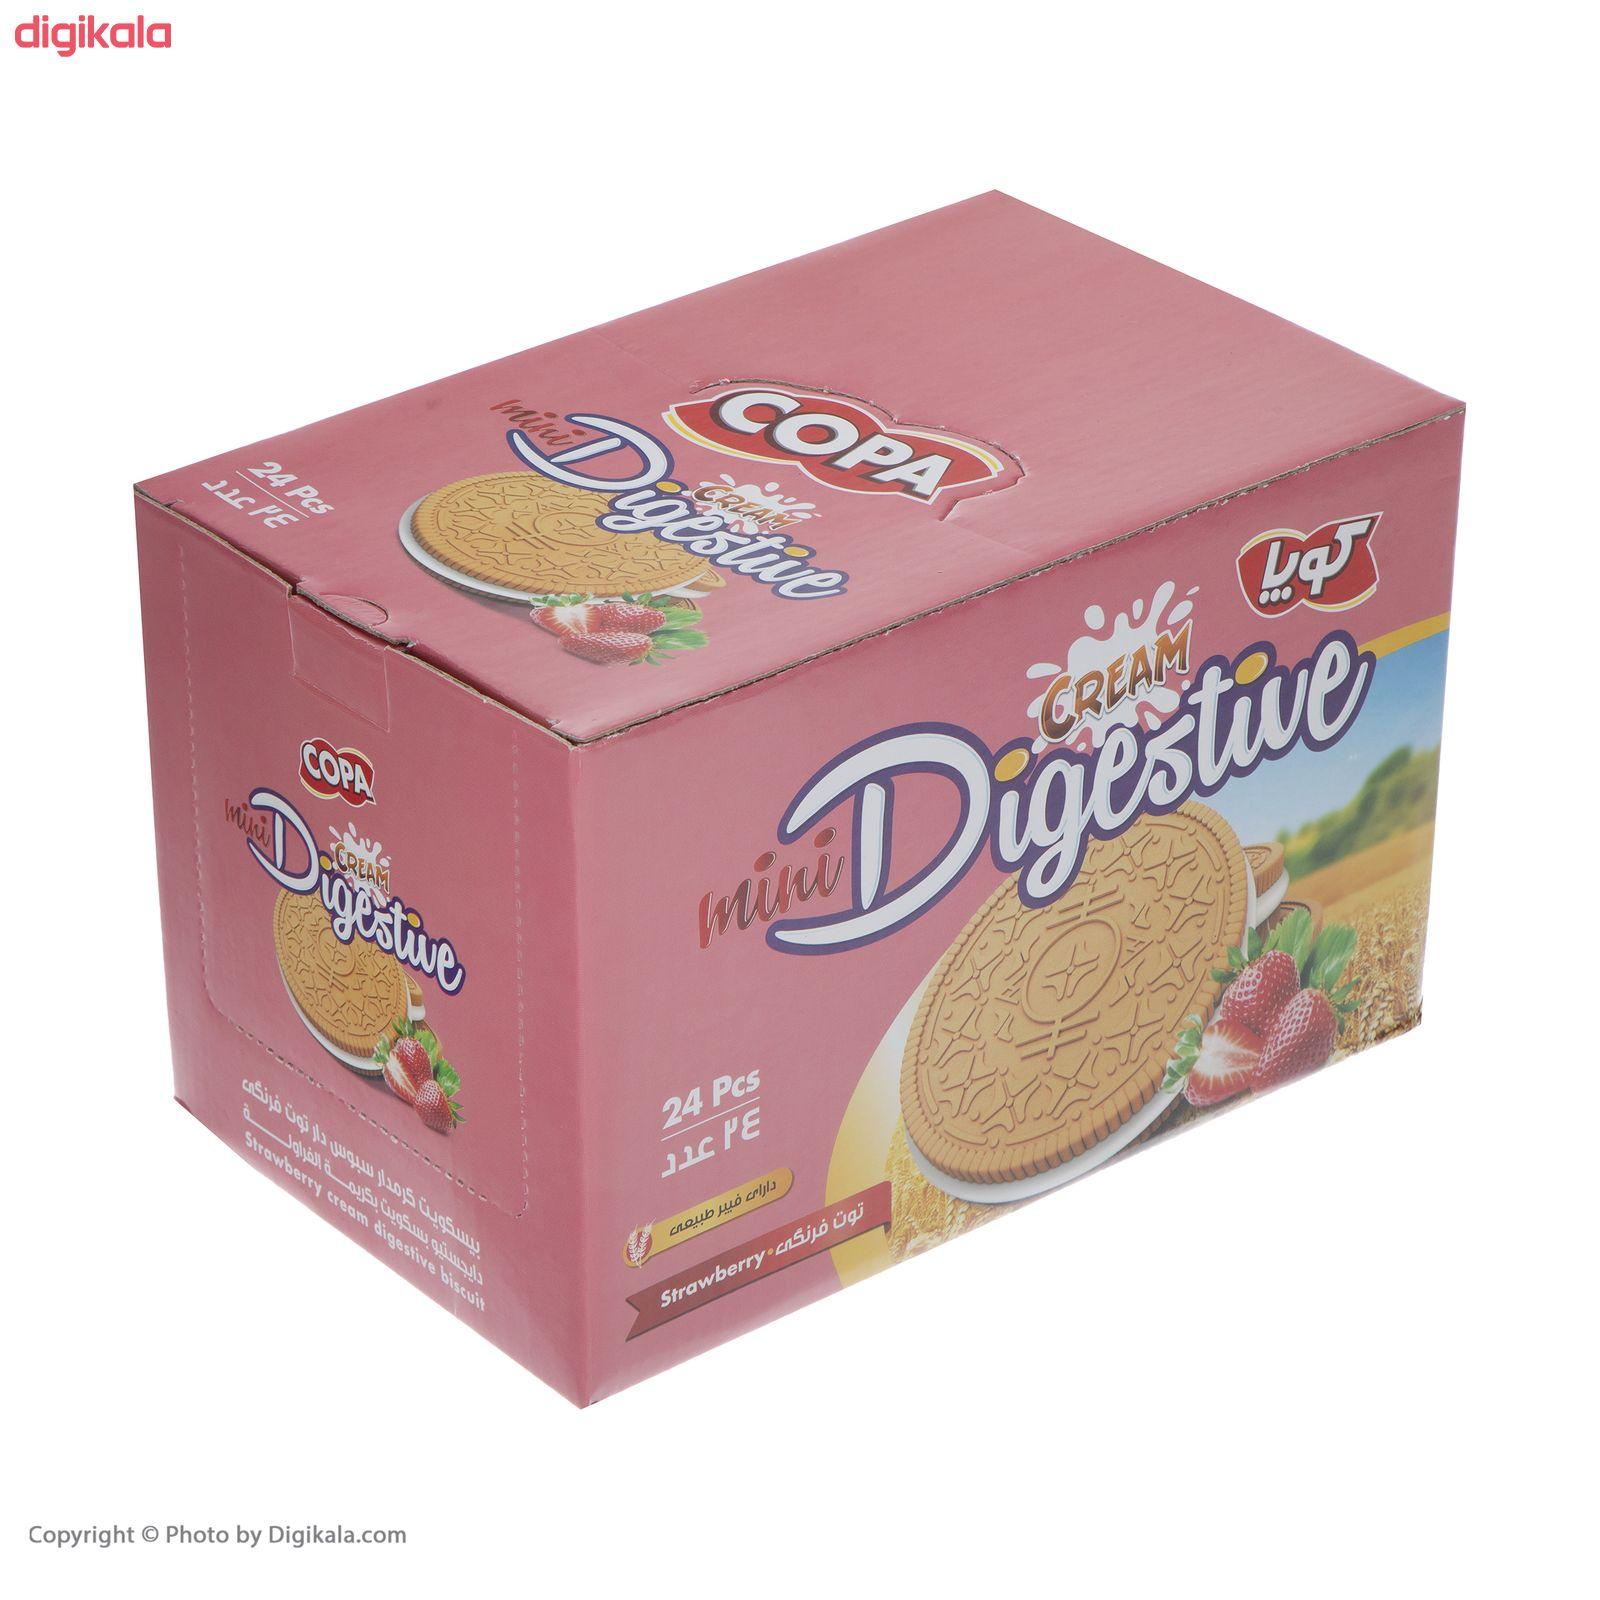 بیسکویت کرمدار دایجستیو کوپا با طعم توت فرنگی - بسته 24 عددی  main 1 2